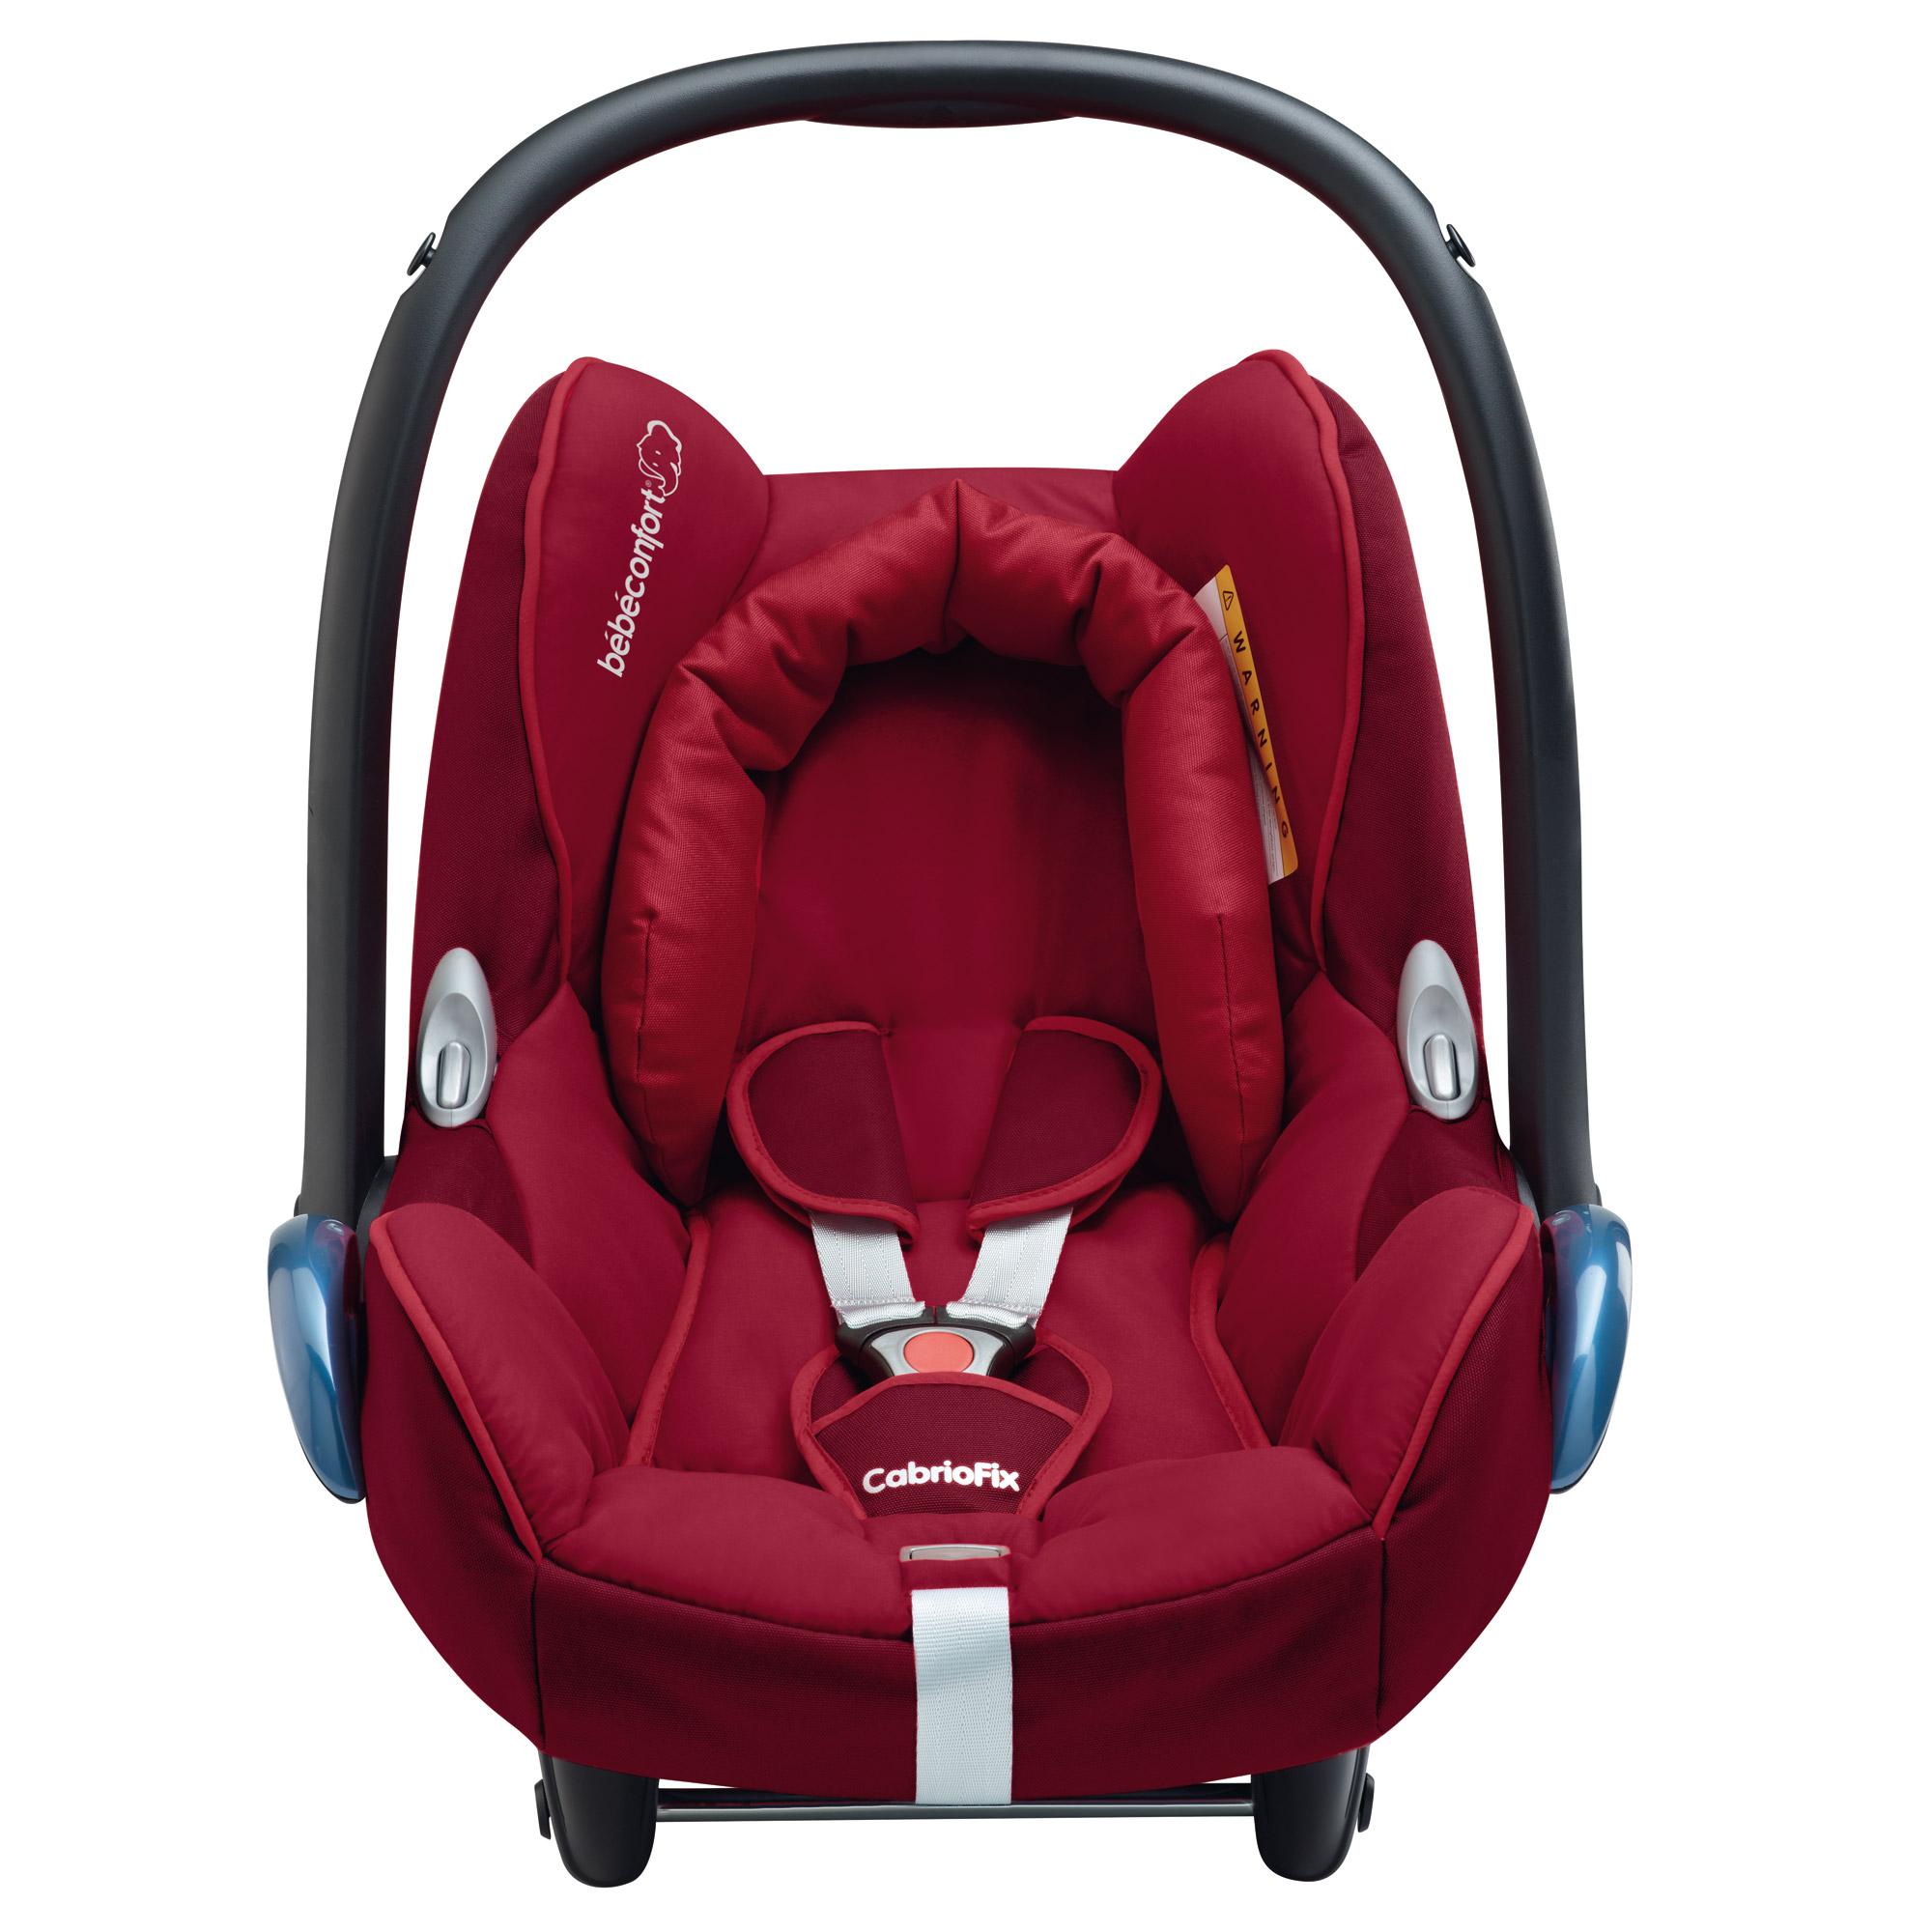 CabrioFix Nomad Black  de Bébé Confort